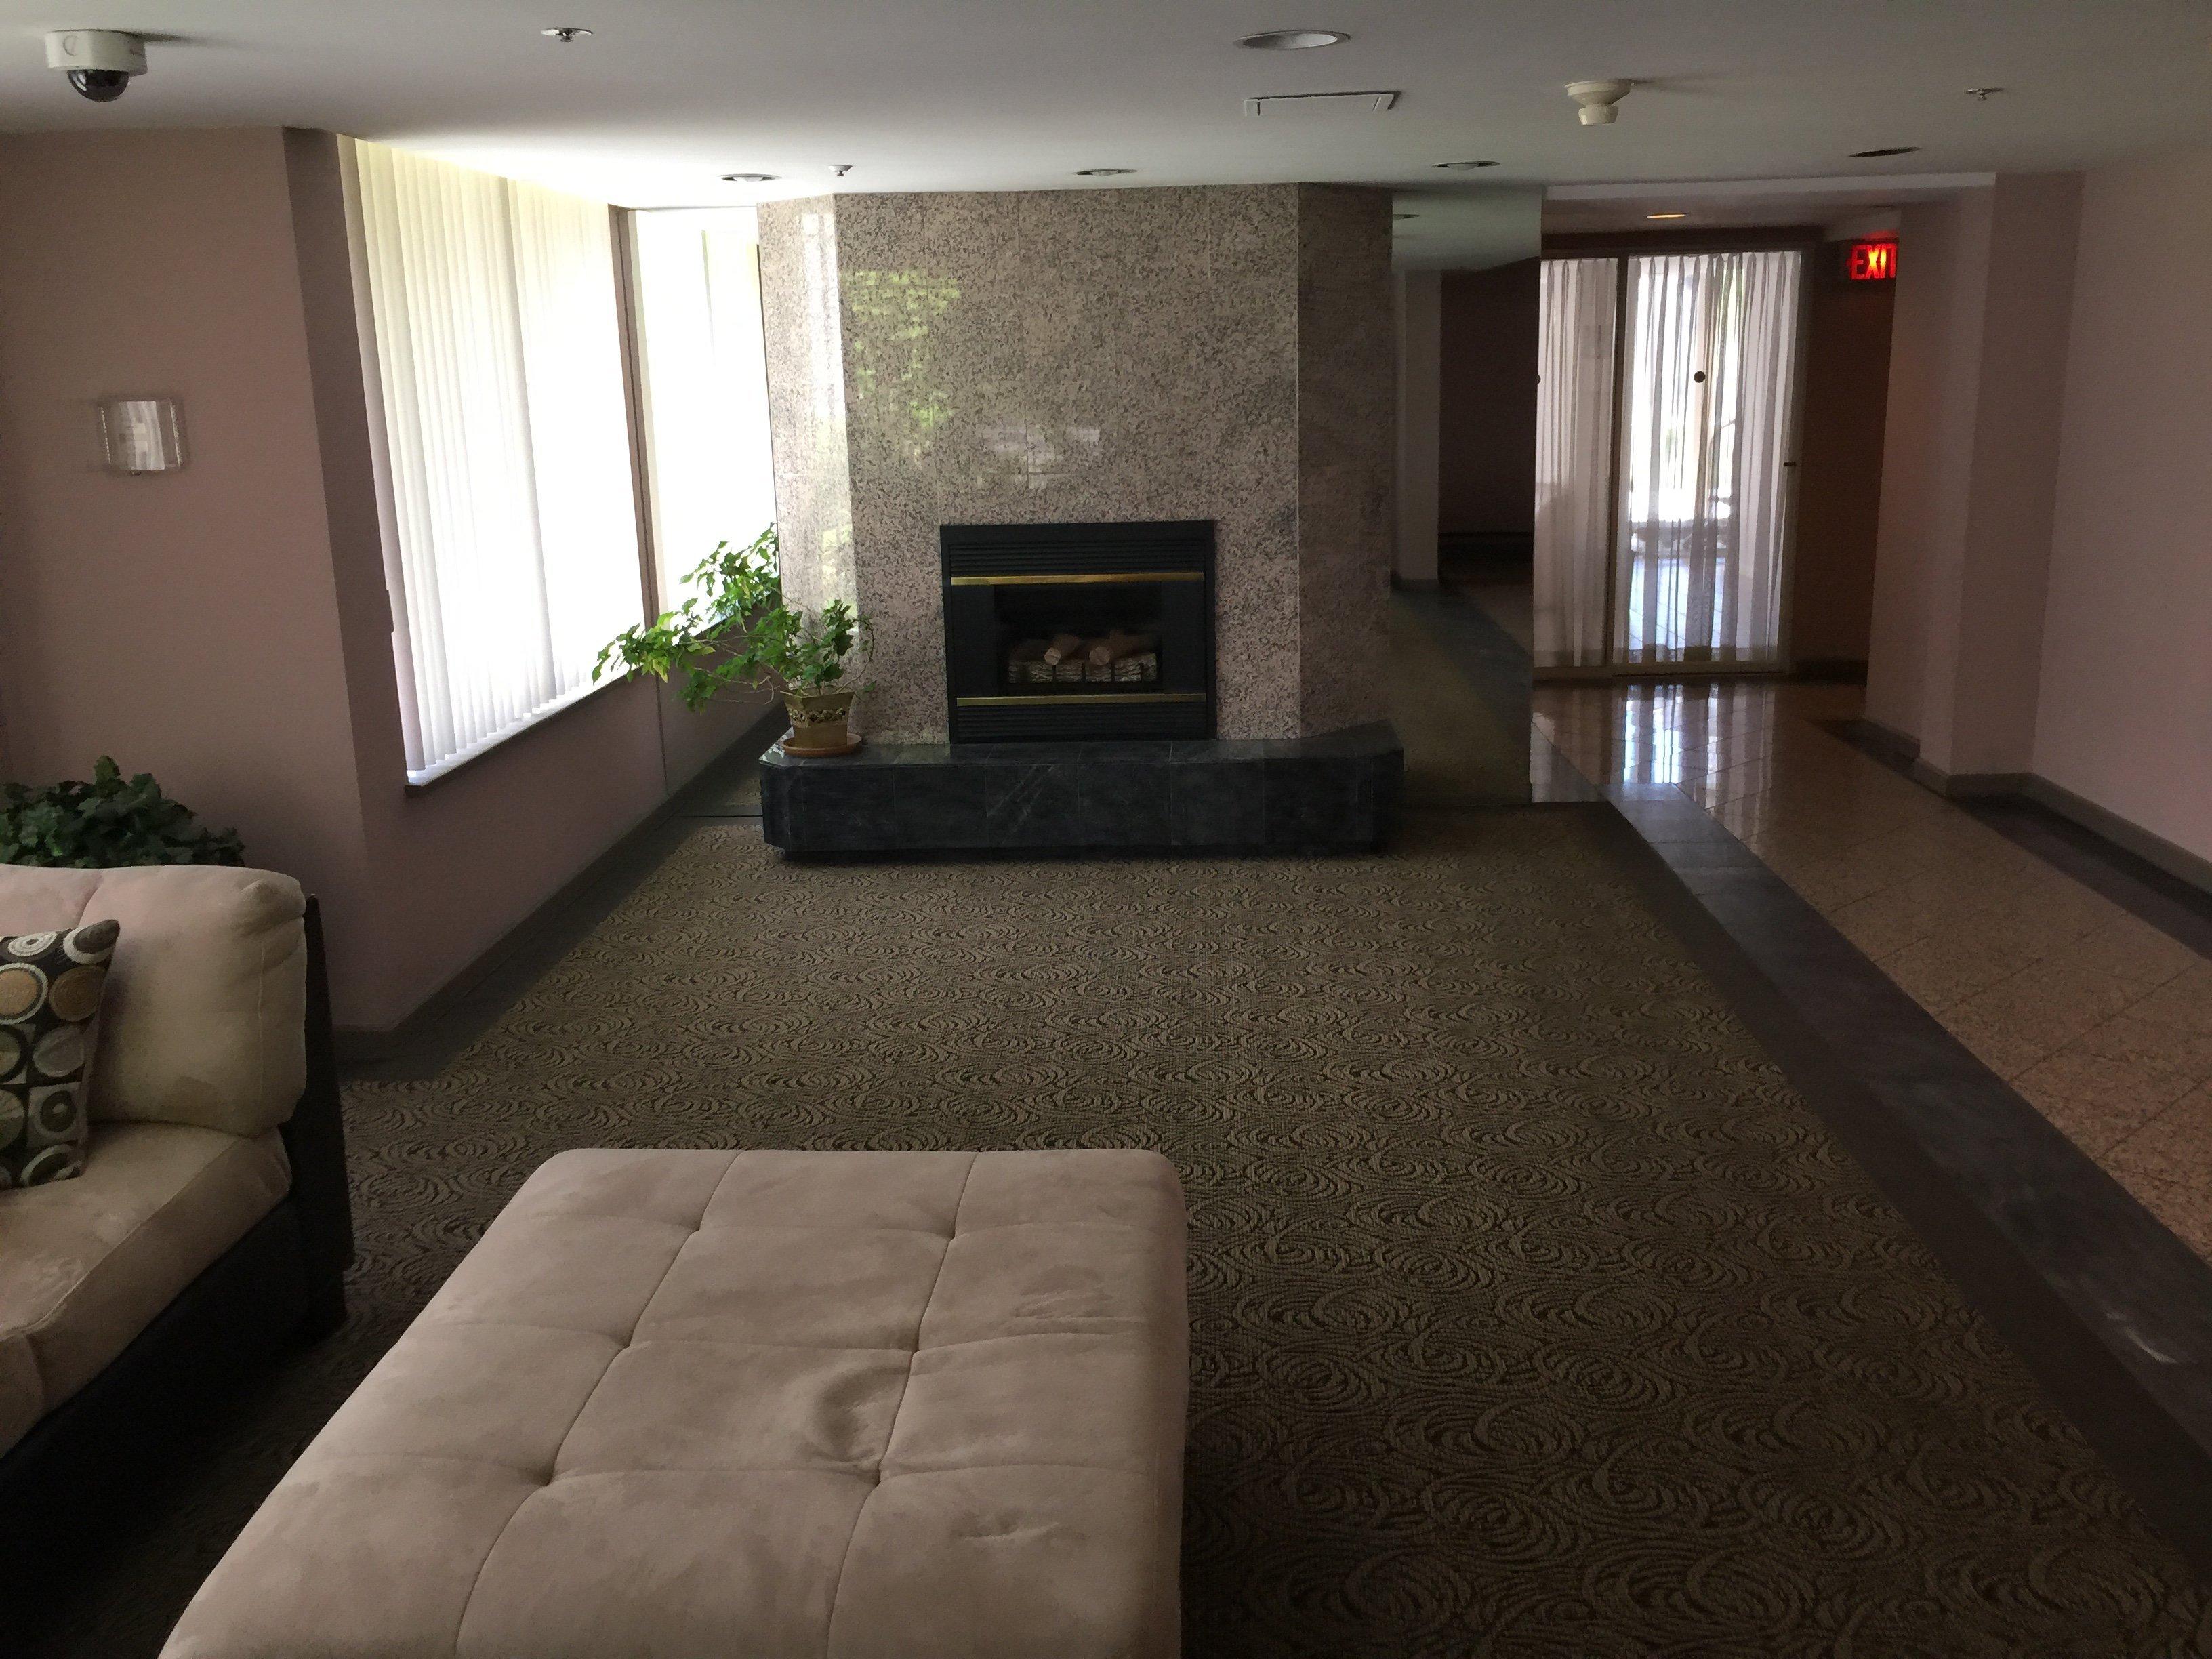 Harwood House Lobby Lounge!